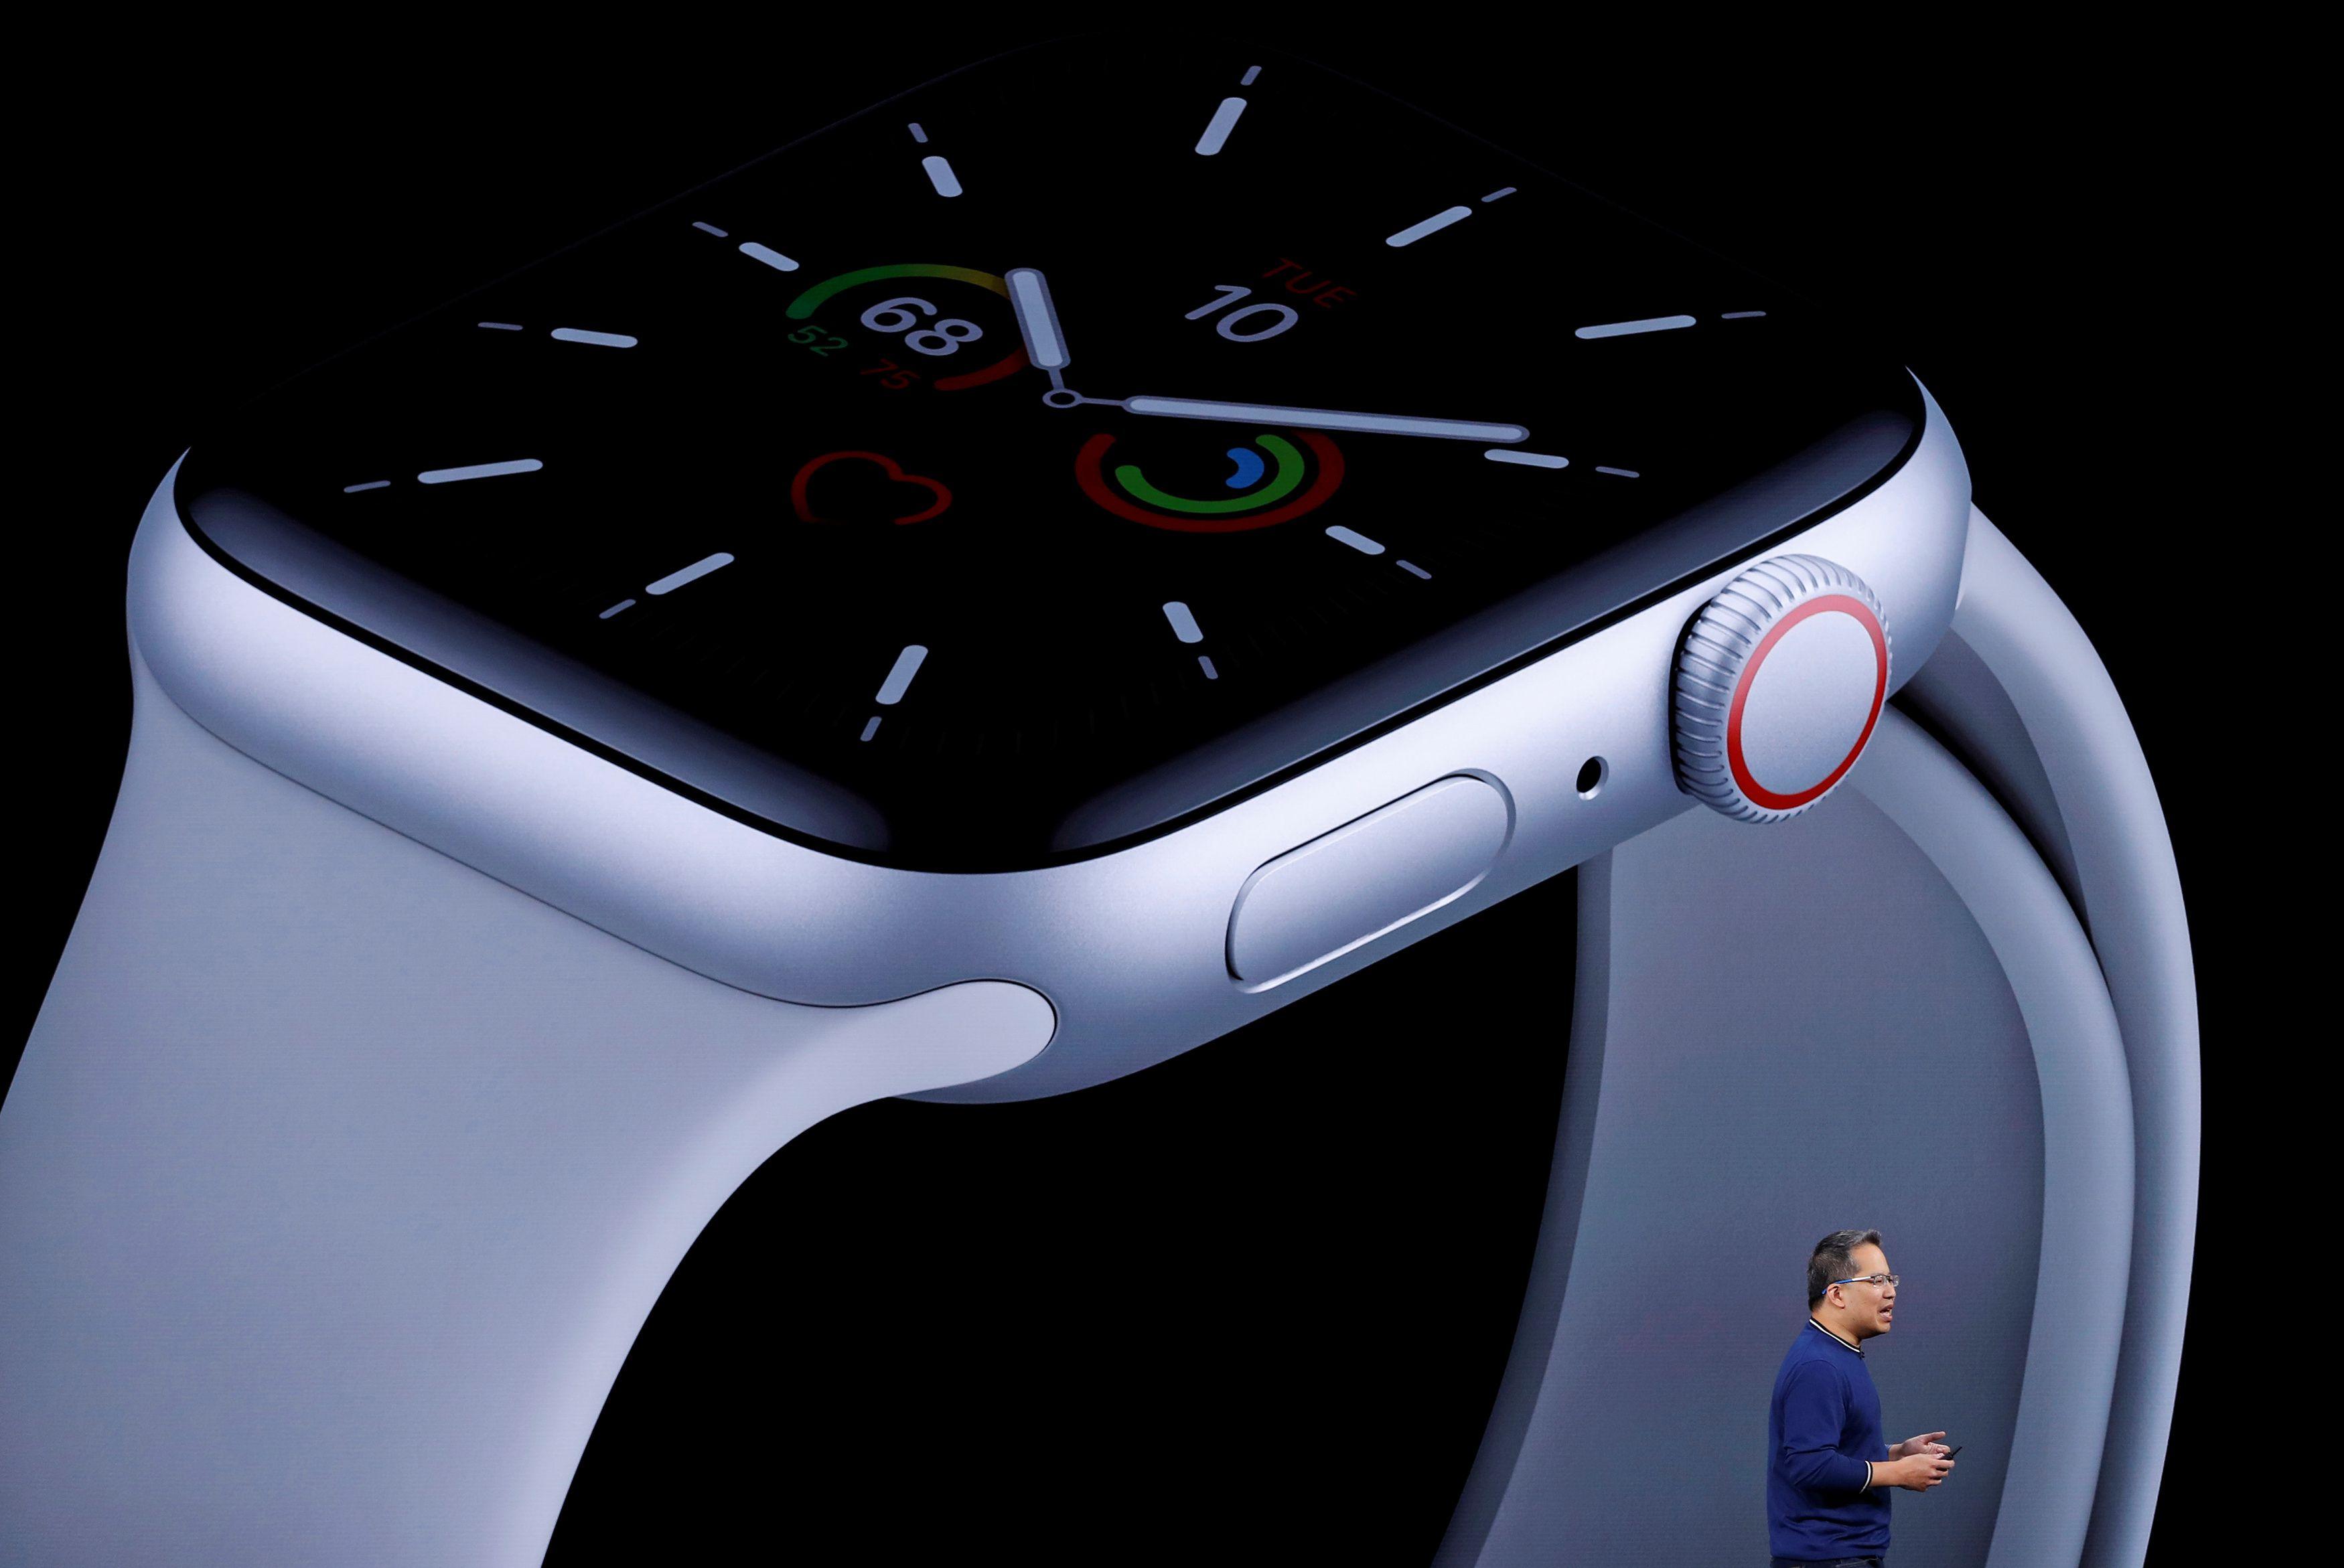 Stan Ng durante la presentación del nuevo Apple Watch en Cupertino, California, el 10 de septiembre de 2019. (REUTERS/Stephen Lam/File Photo)